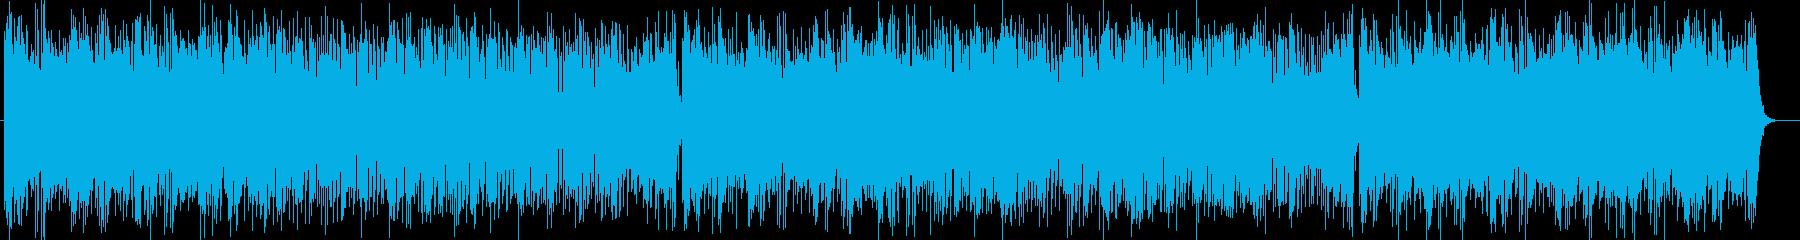 緩やかで明るいトランペットポップスの再生済みの波形